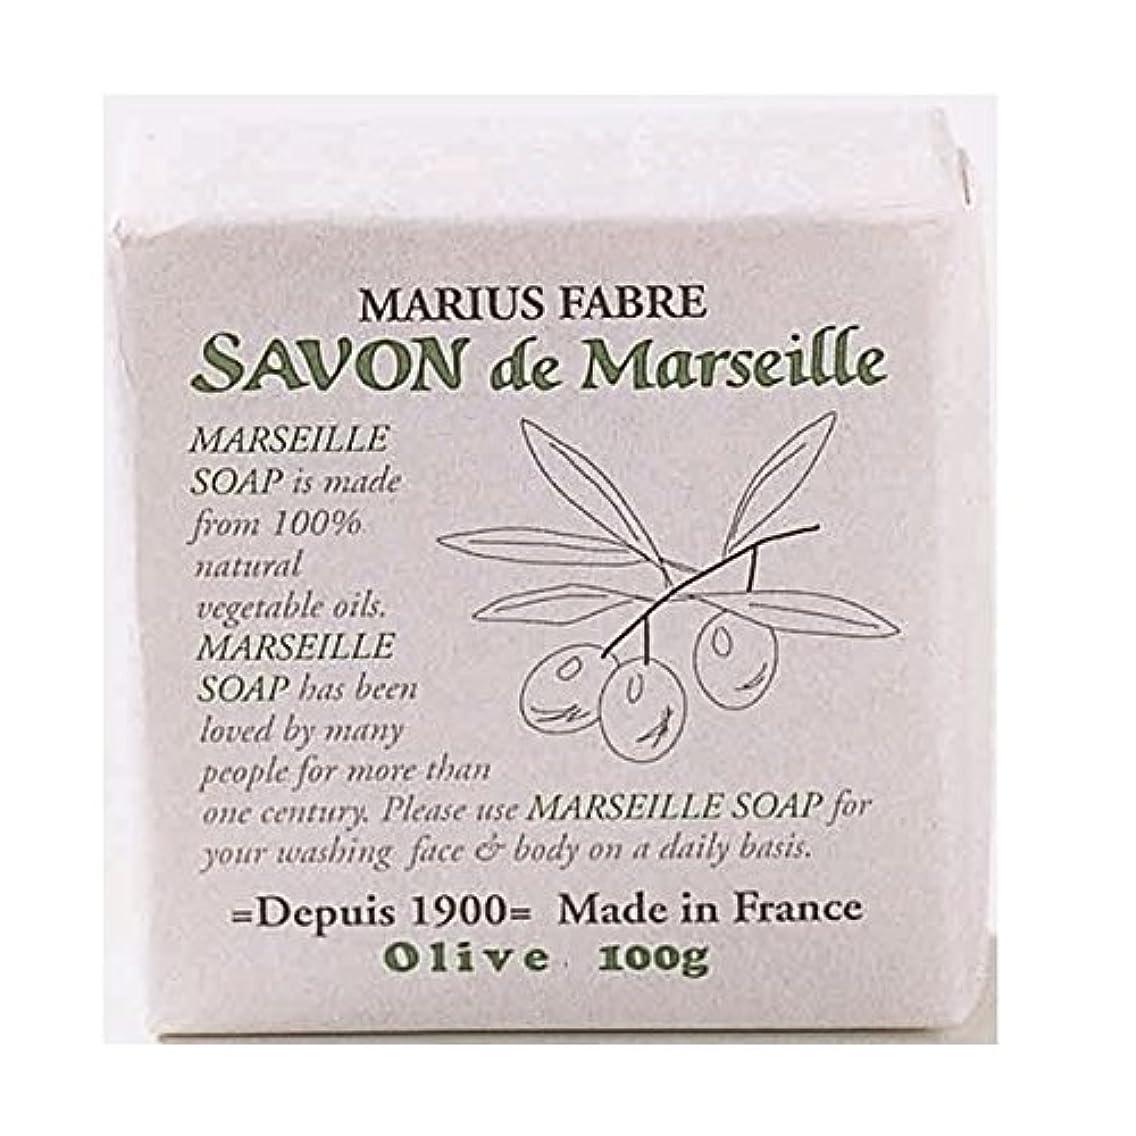 ポケットシンプトン木曜日サボンドマルセイユ 無香料 オリーブ石鹸 100g 6個セット マリウスファーブル